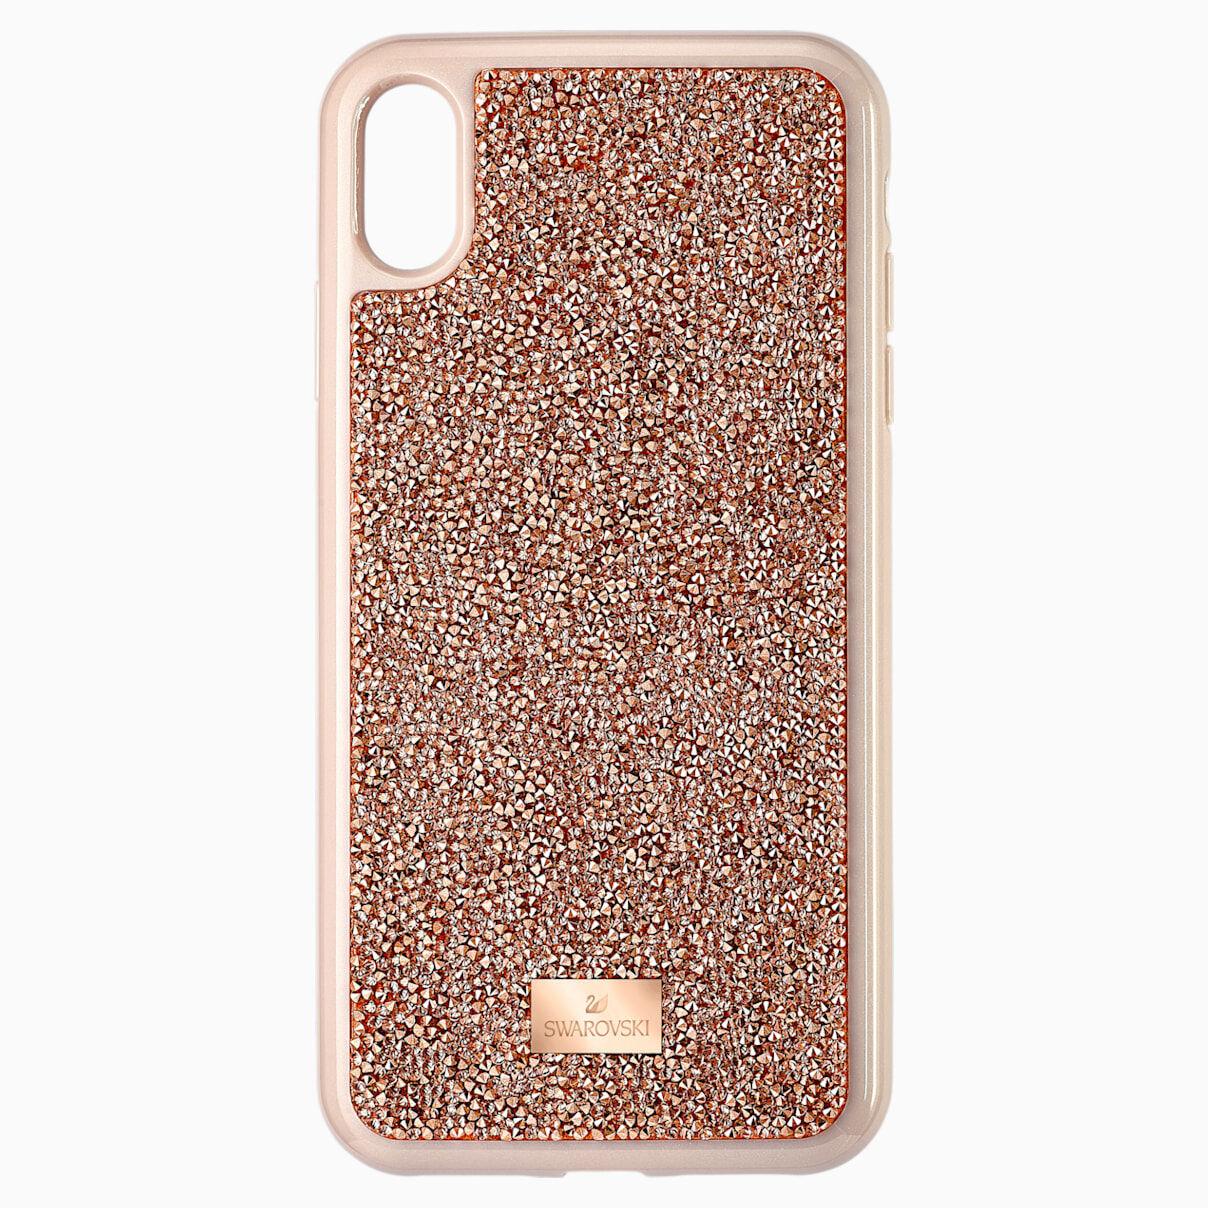 Swarovski Glam Rock Smartphone Case, iPhone® XS Max, Rose gold tone